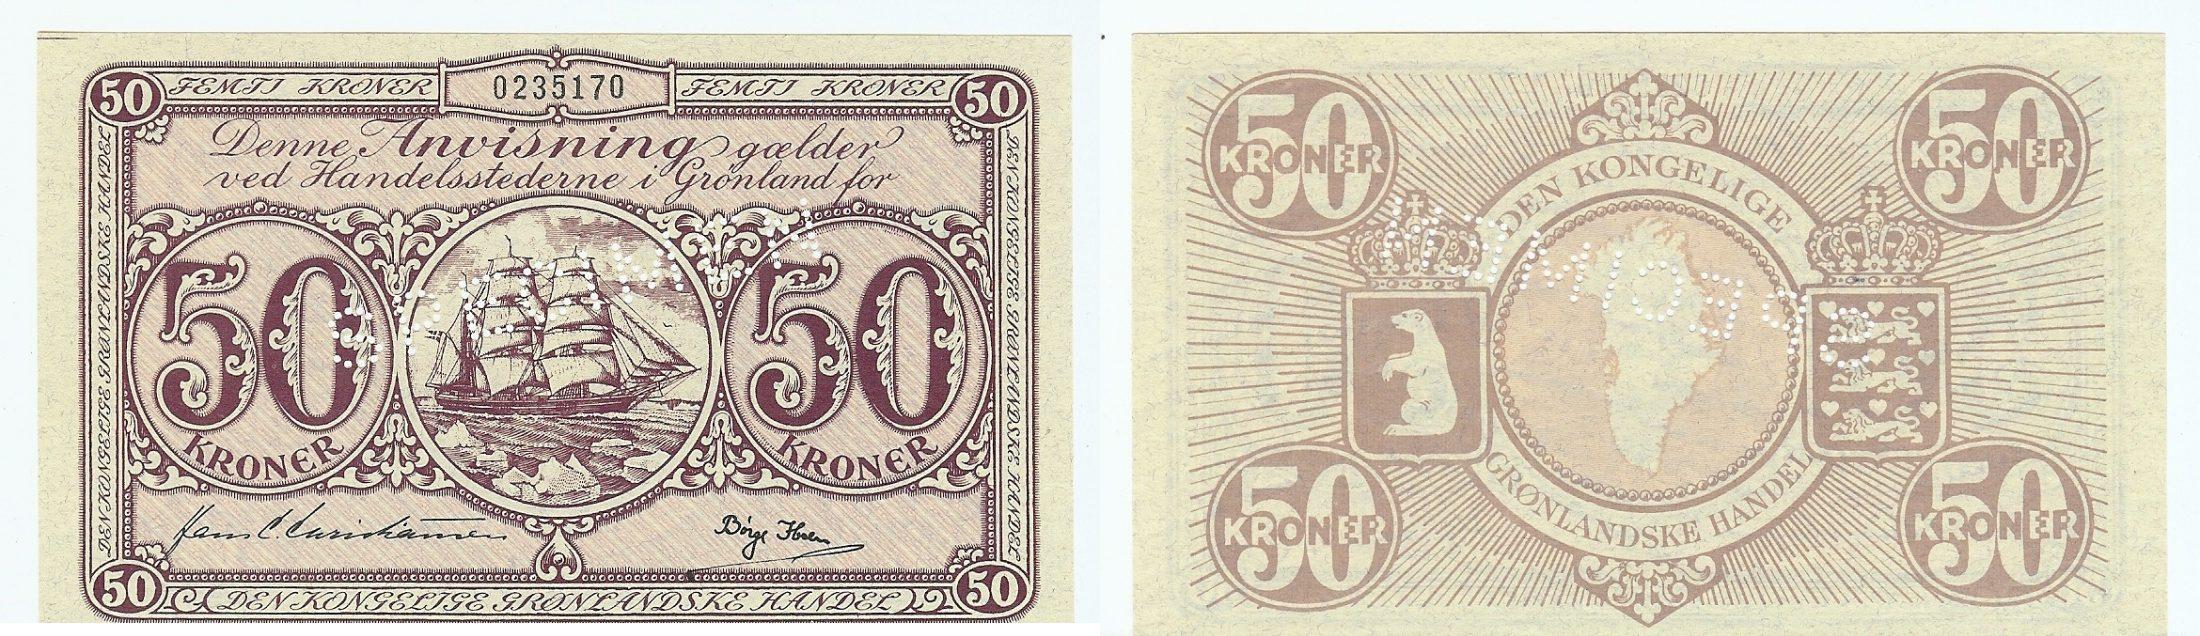 50 Kroner specimen 1953 Greenland bfr